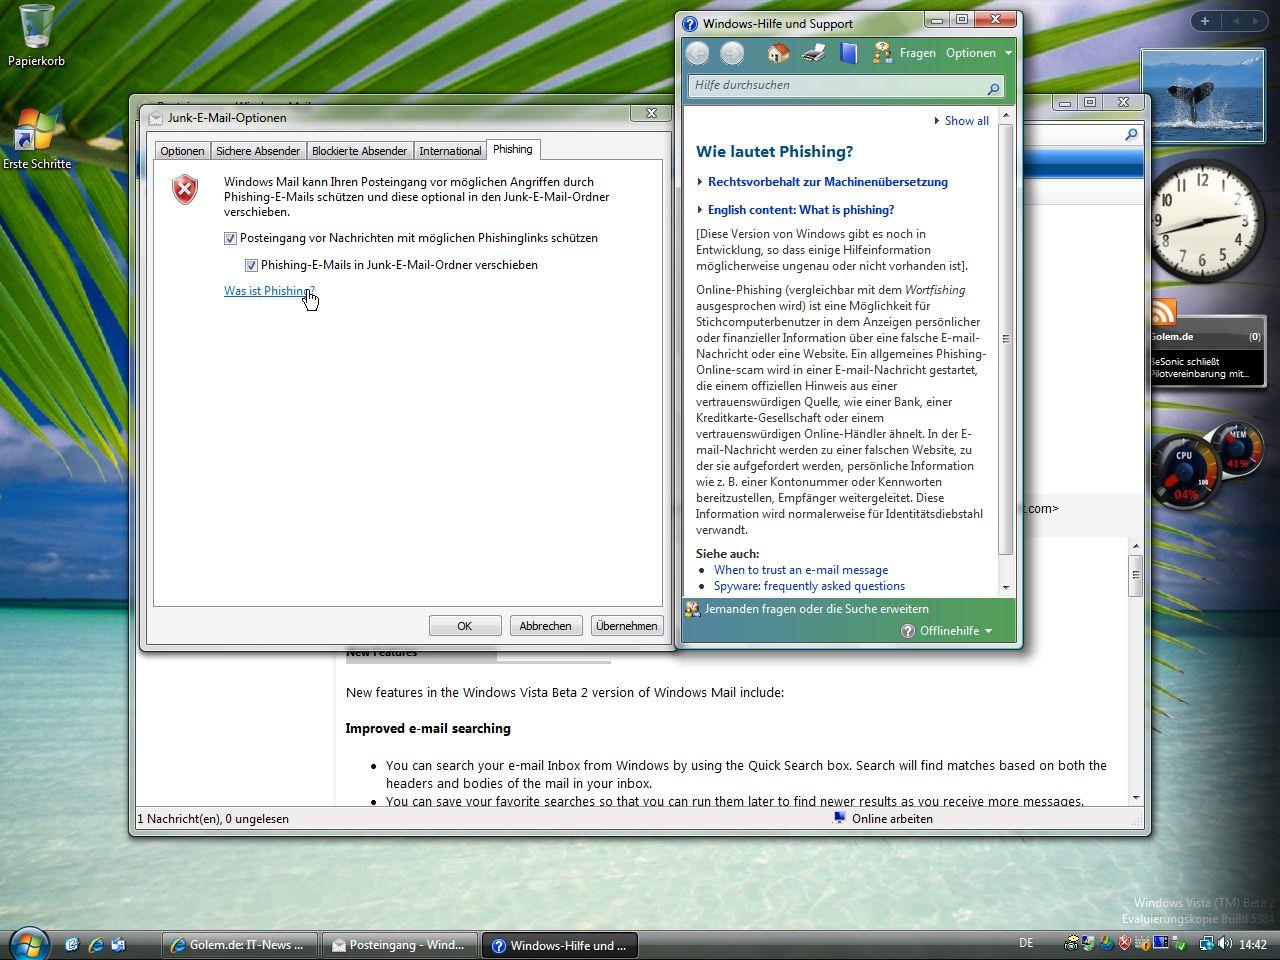 Windows Vista: Release Candidate 1 im Anmarsch